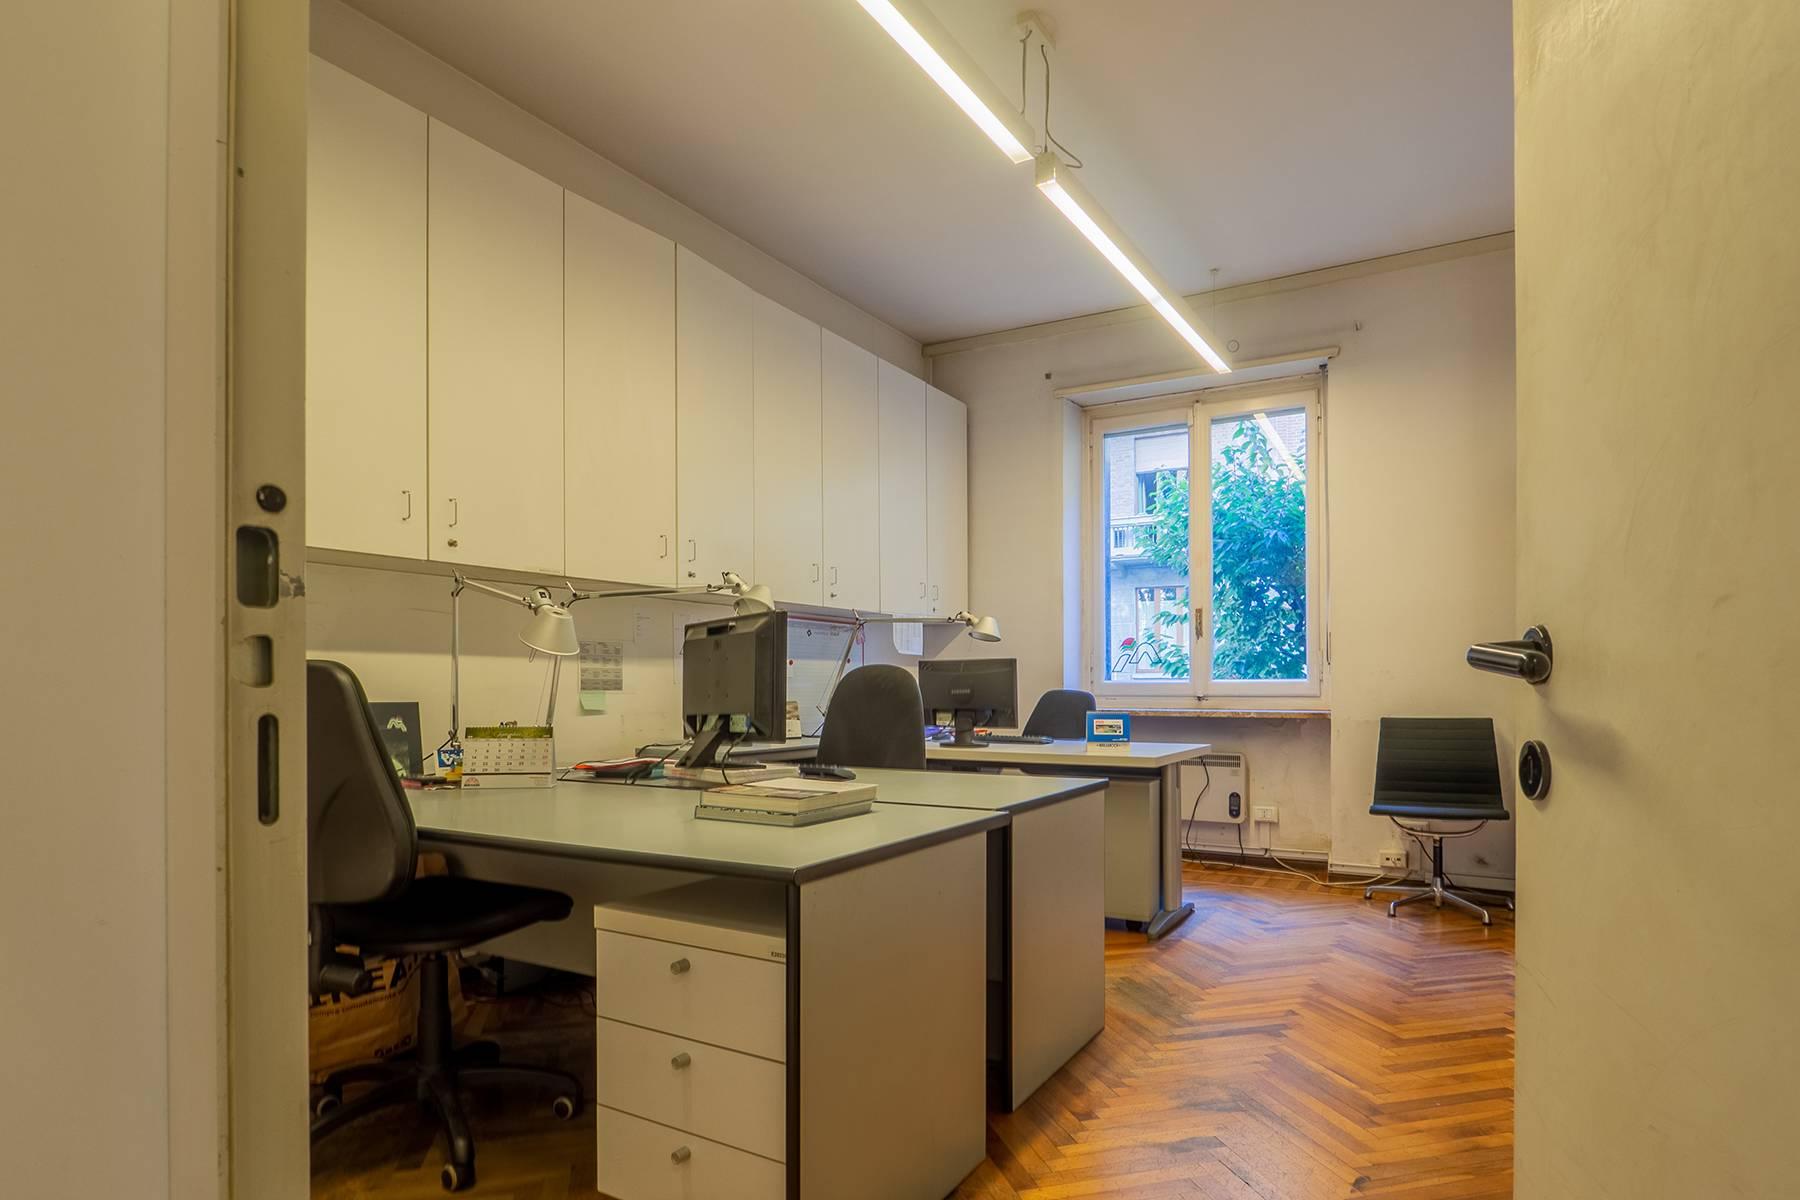 Ufficio-studio in Vendita a Torino: 4 locali, 224 mq - Foto 8